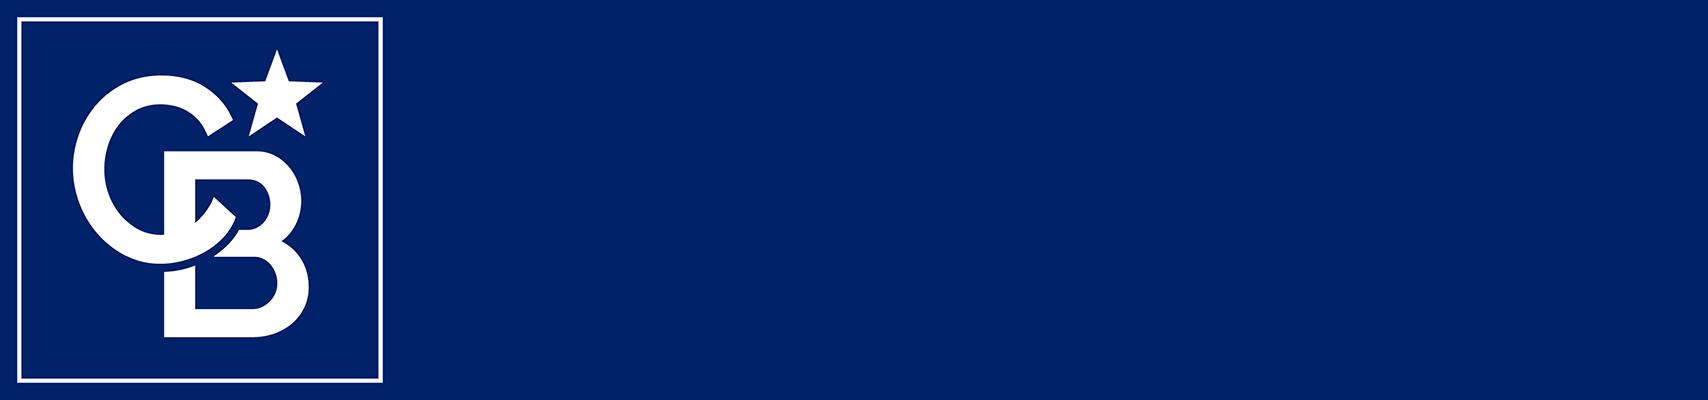 Lynette Cox - Coldwell Banker Advantage Logo